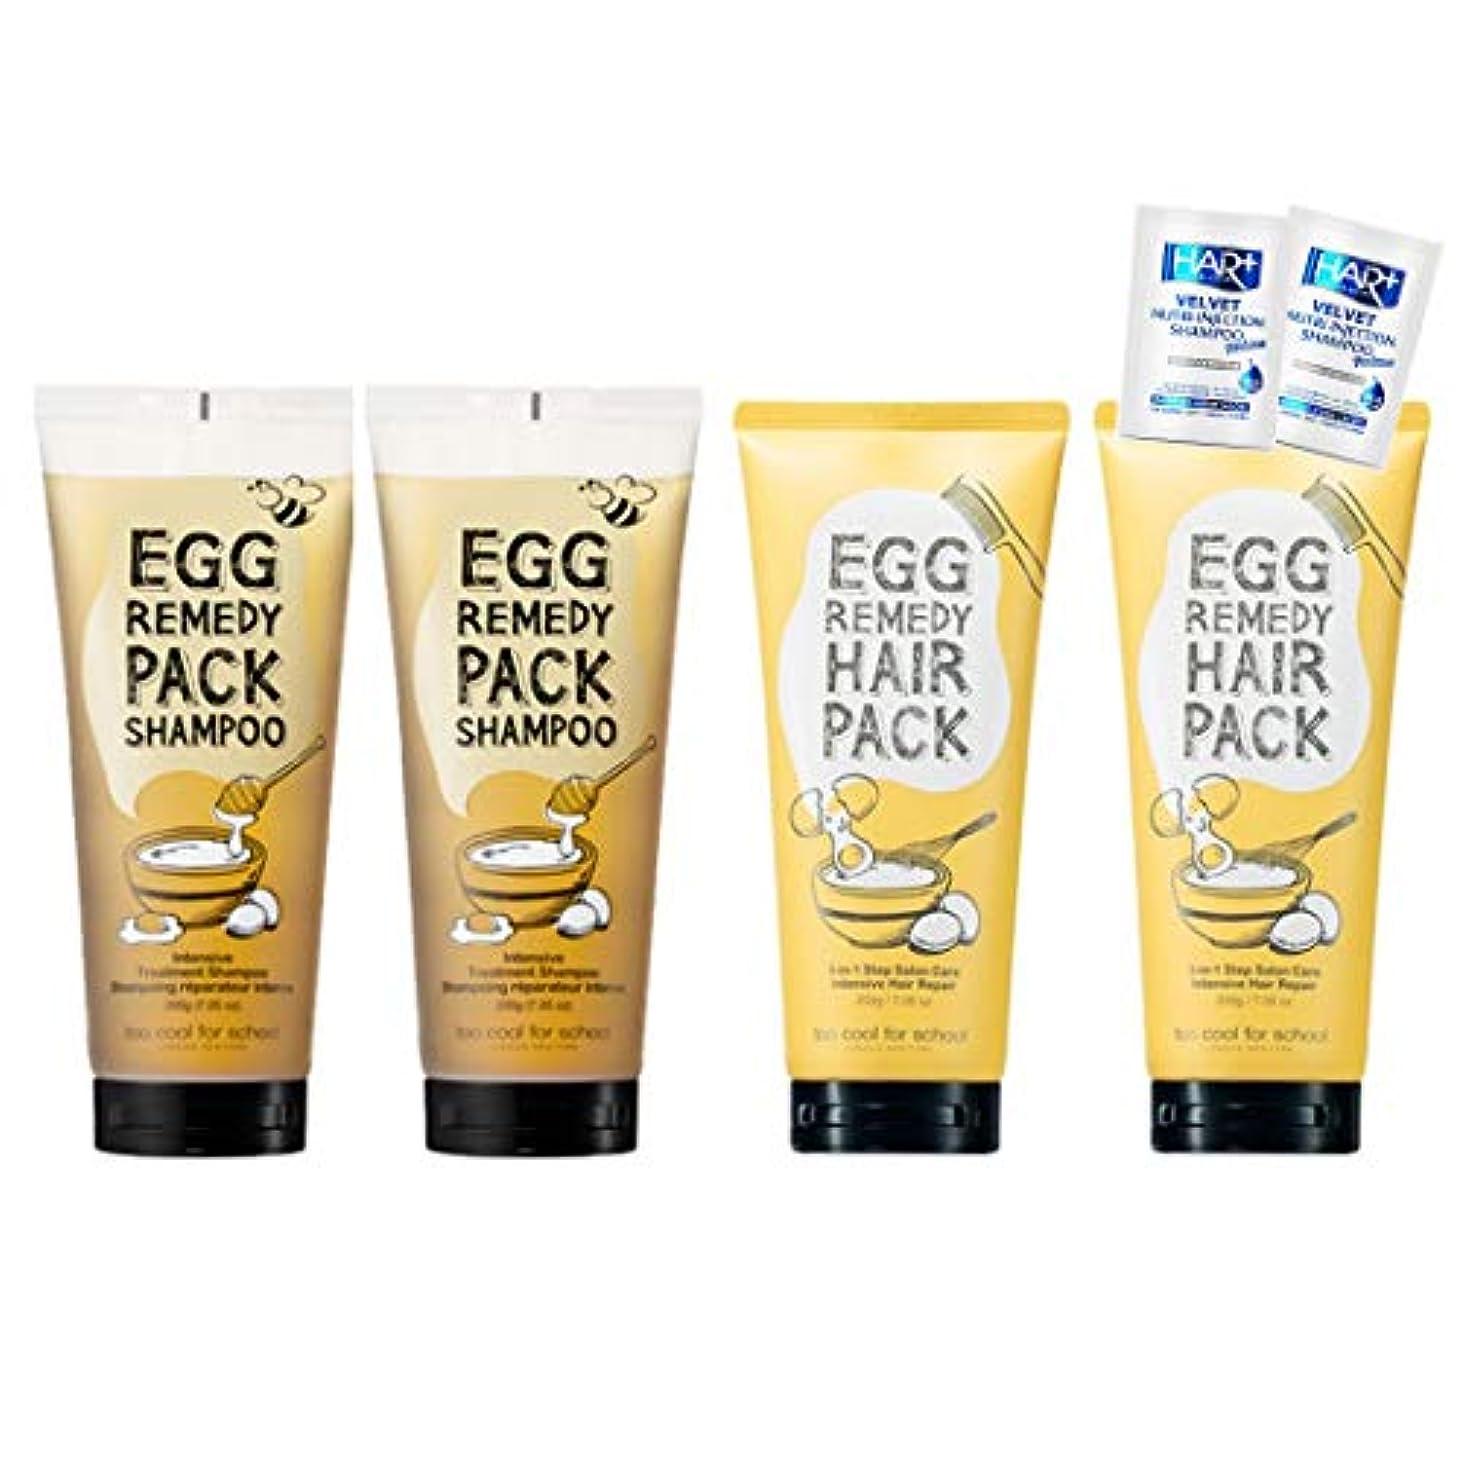 パンサー警告好奇心トゥークールフォ―スクール(too cool for school)/エッグレミディパックシャンプーtoo cool for school Egg Remedy Pack Shampoo 200ml X 2EA + エッグレミディヘアパック...